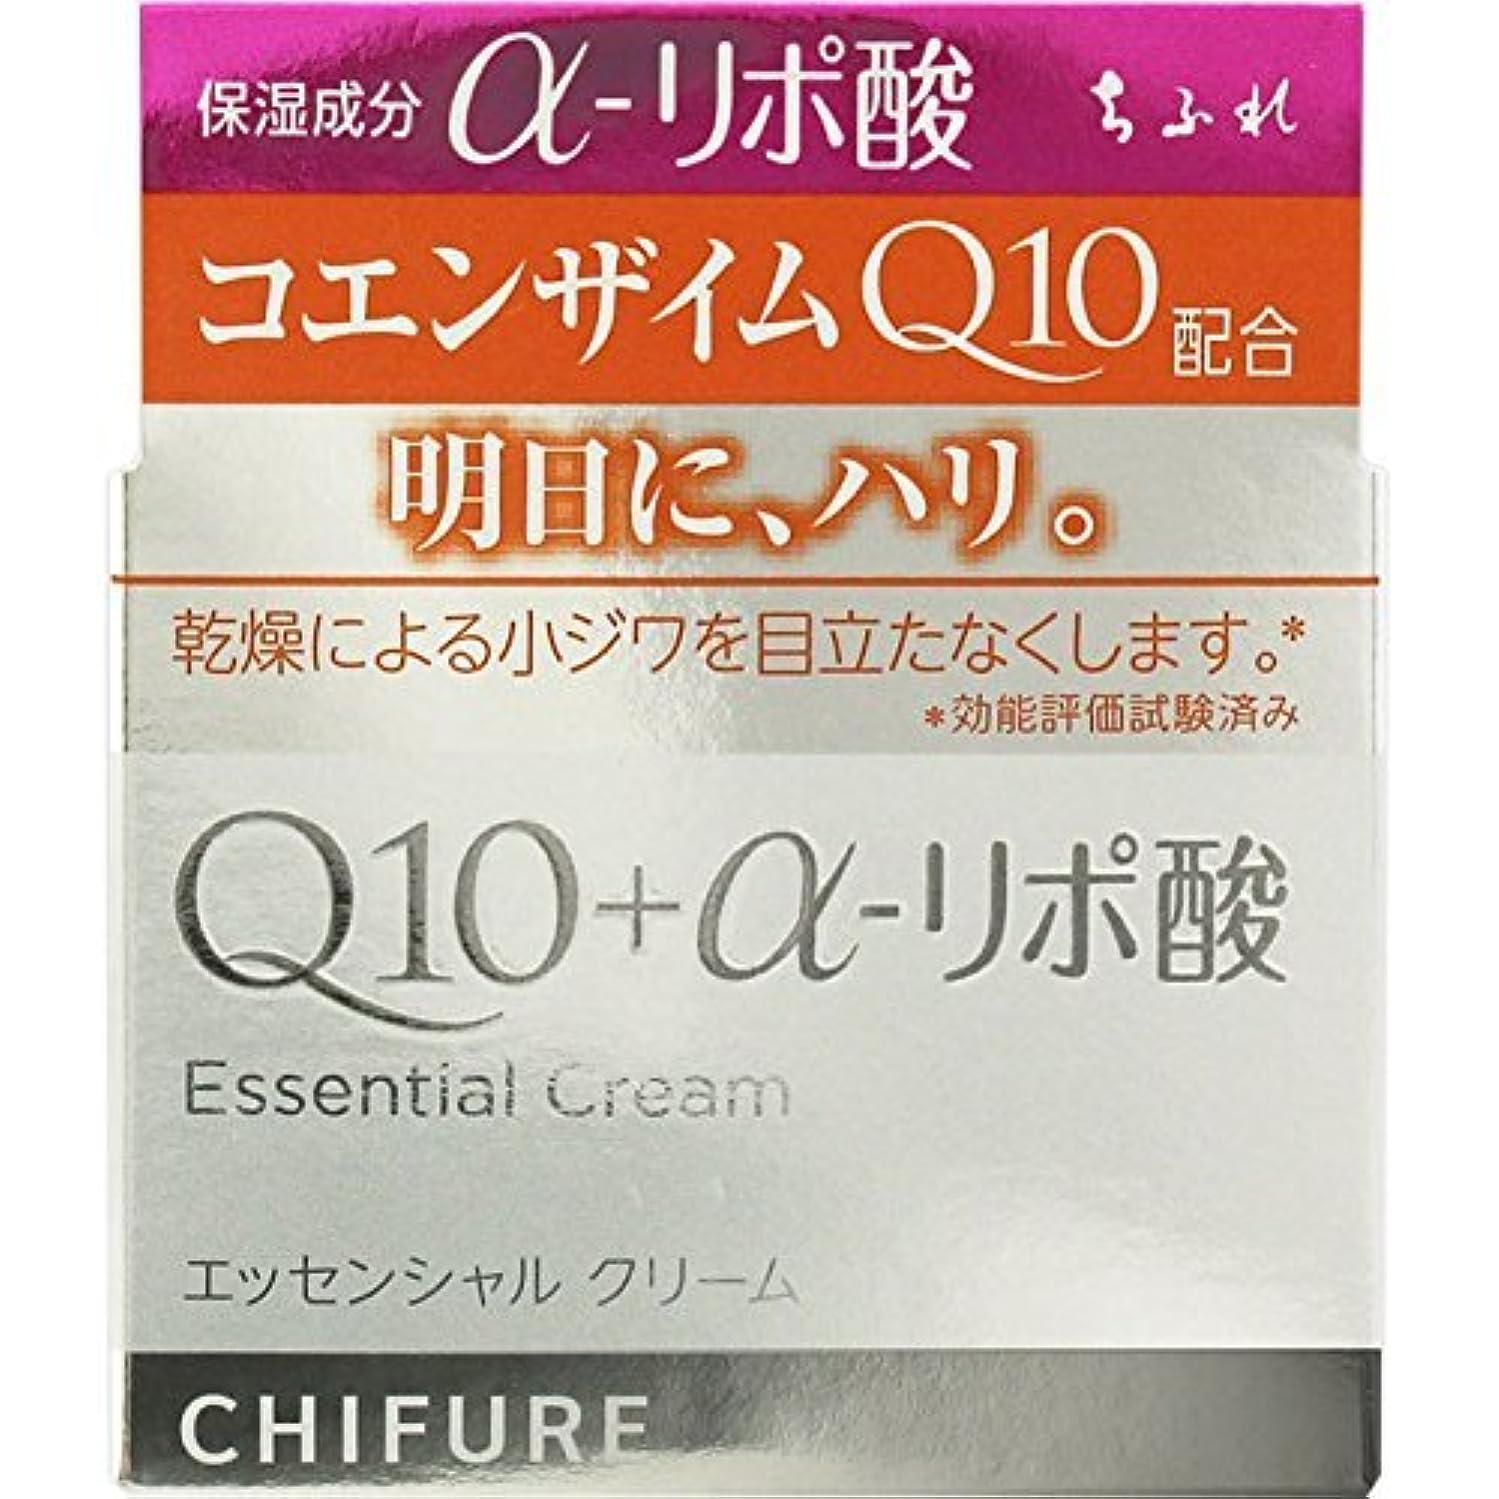 鮫必要条件狂ったちふれ化粧品 エッセンシャルクリーム N 30g 30G